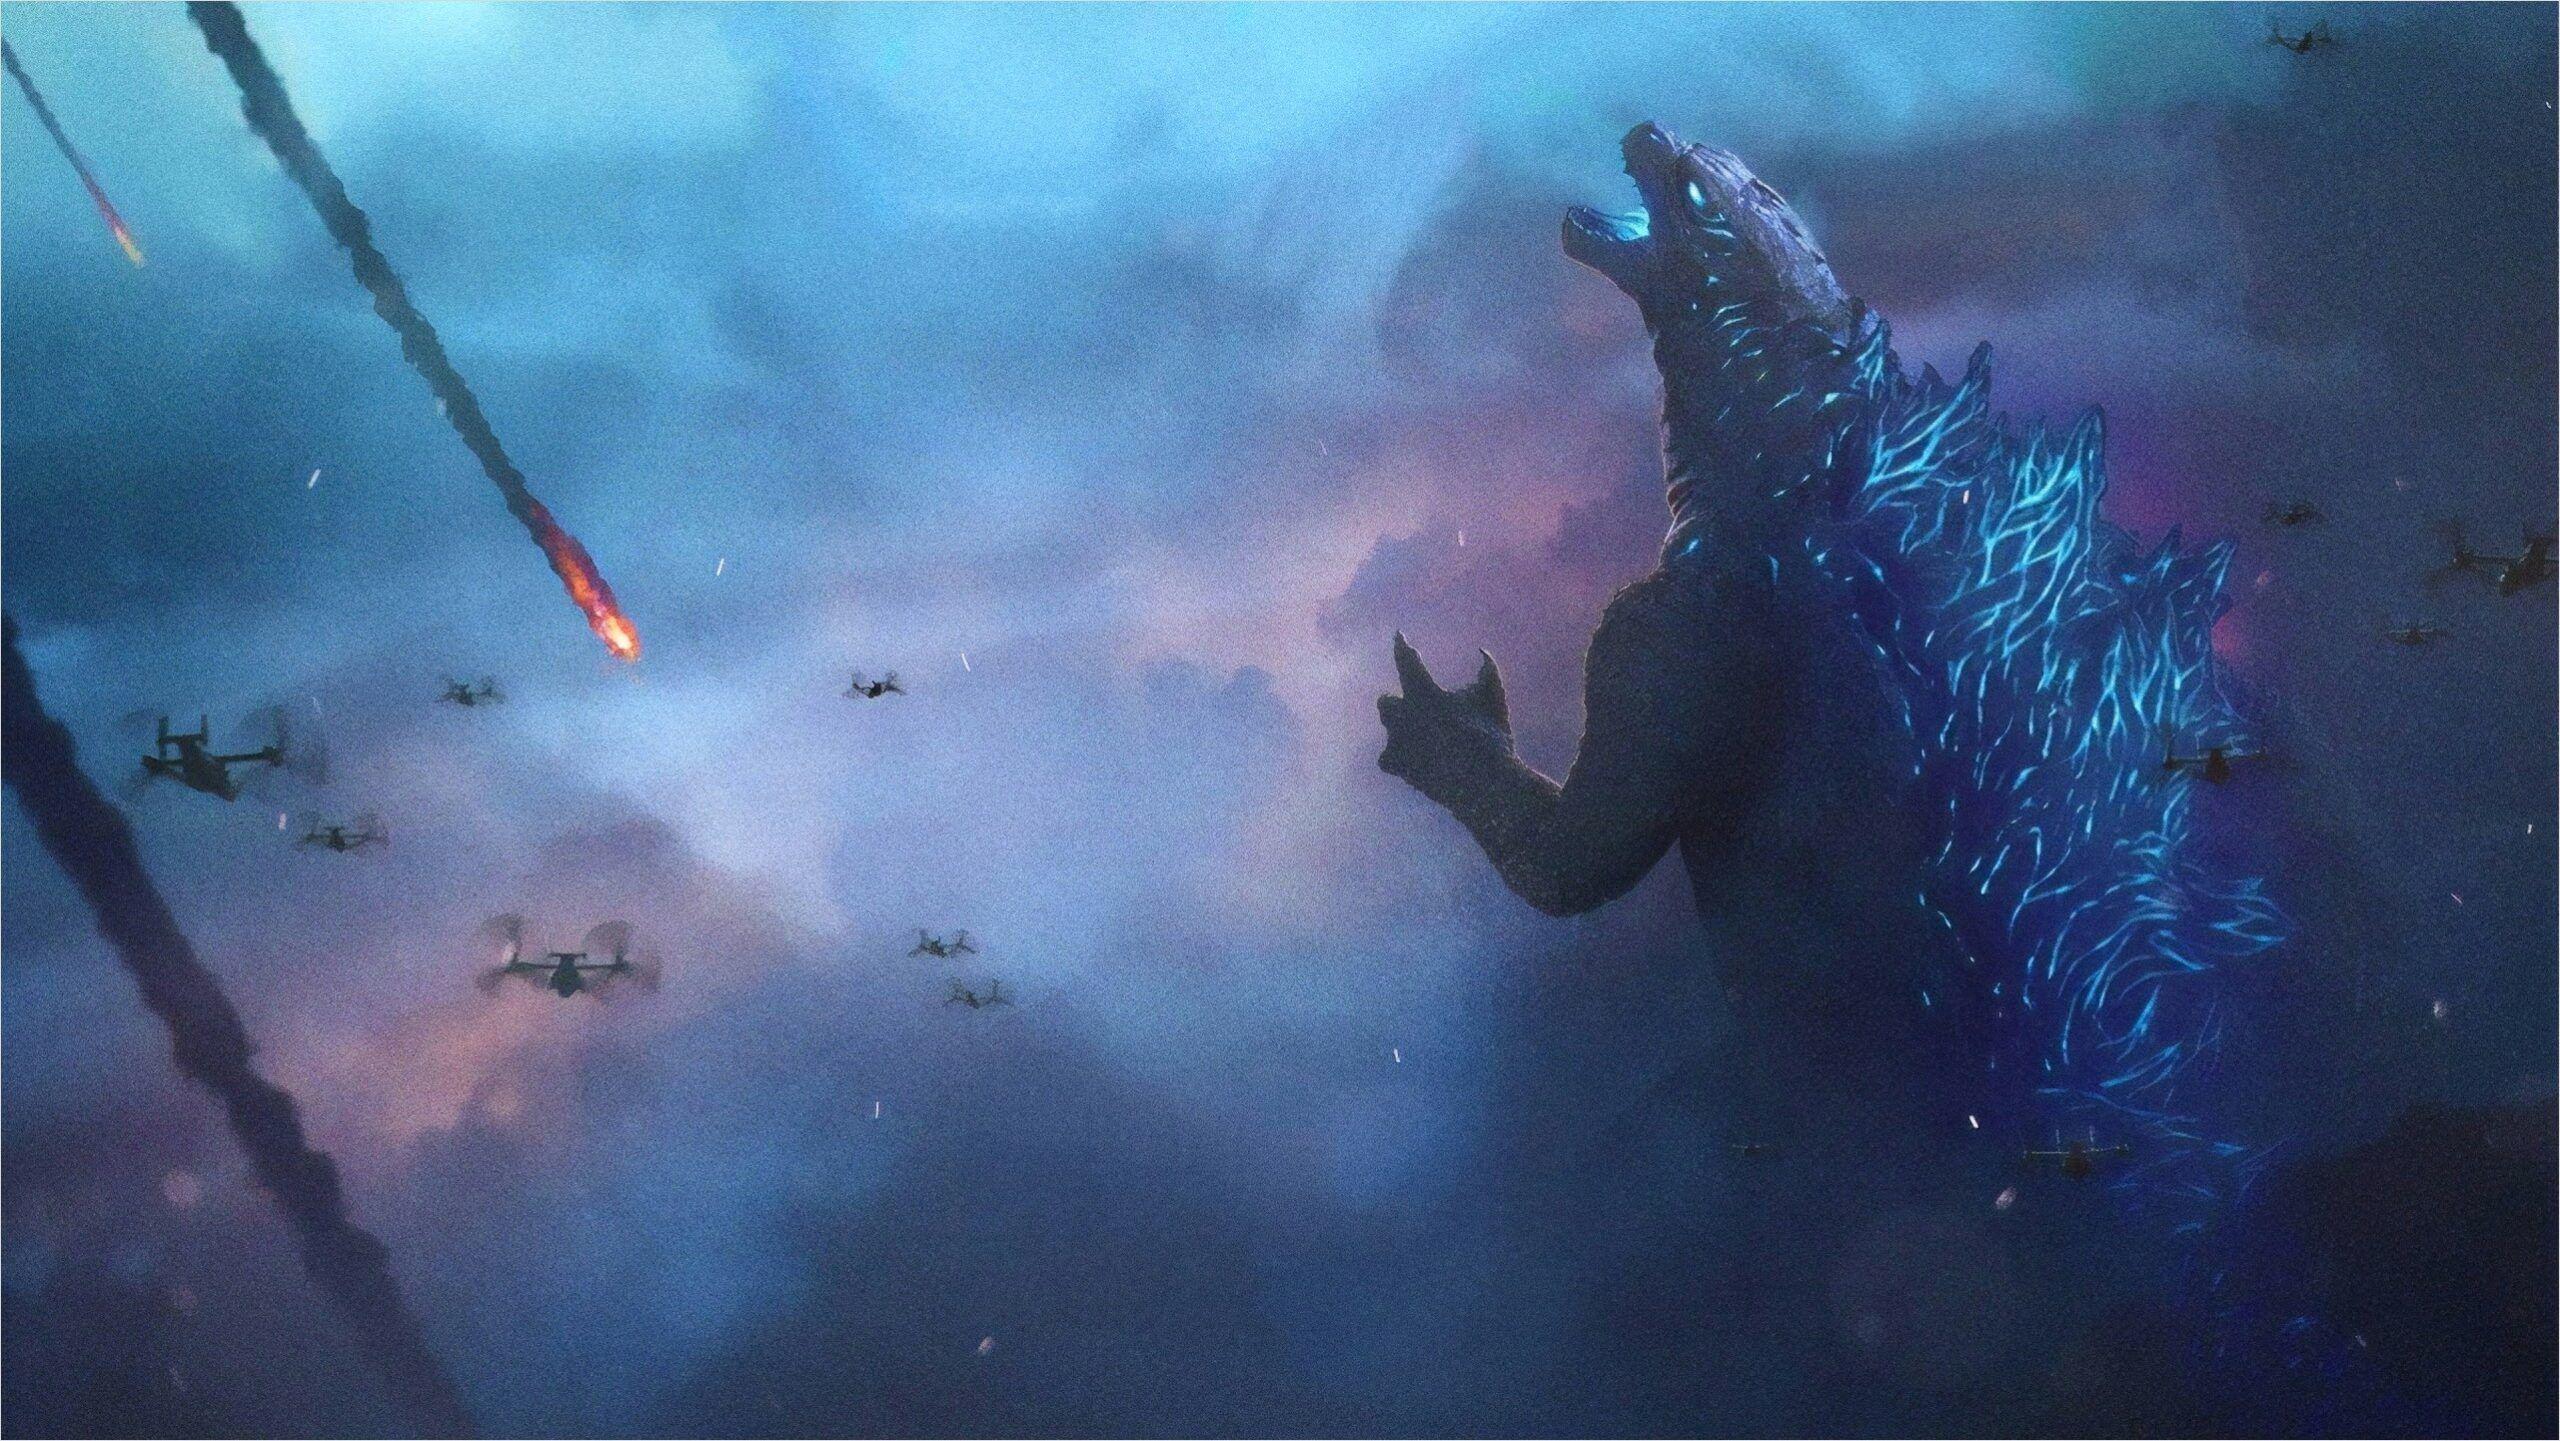 Godzilla 2 Wallpaper 4k In 2020 Godzilla 2 Godzilla Wallpaper